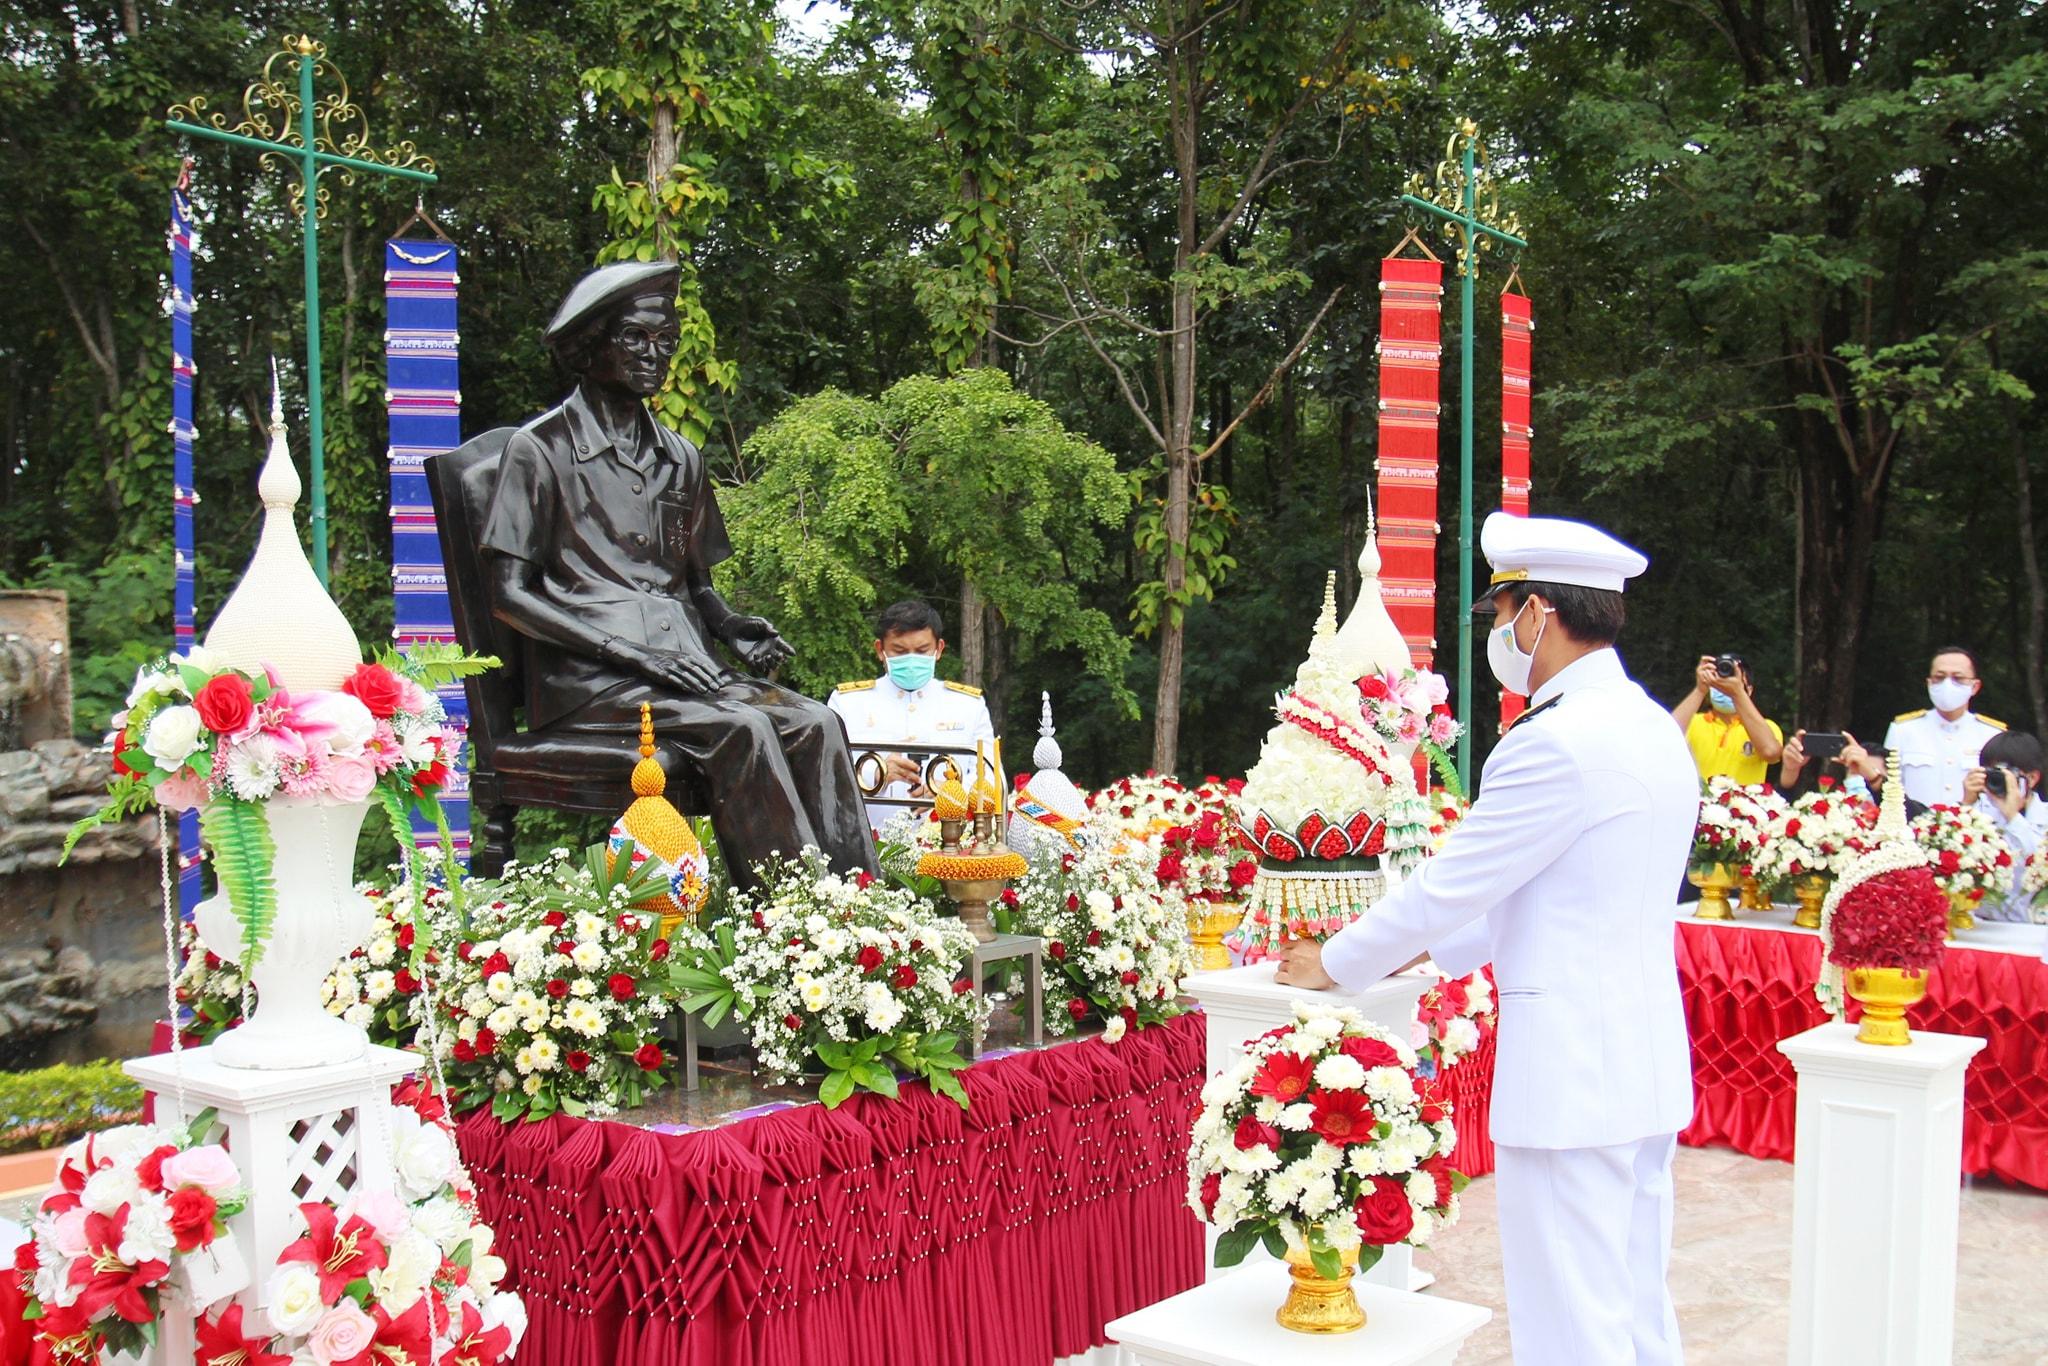 จังหวัดลพบุรี พิธีทำบุญตักบาตรพระสงฆ์ จำนวน 25 รูป และพิธีวางพานพุ่ม เนื่องในวันคล้ายวันพระราชสมภพครบ สมเด็จพระศรีนครินทราบรมราชชนนี